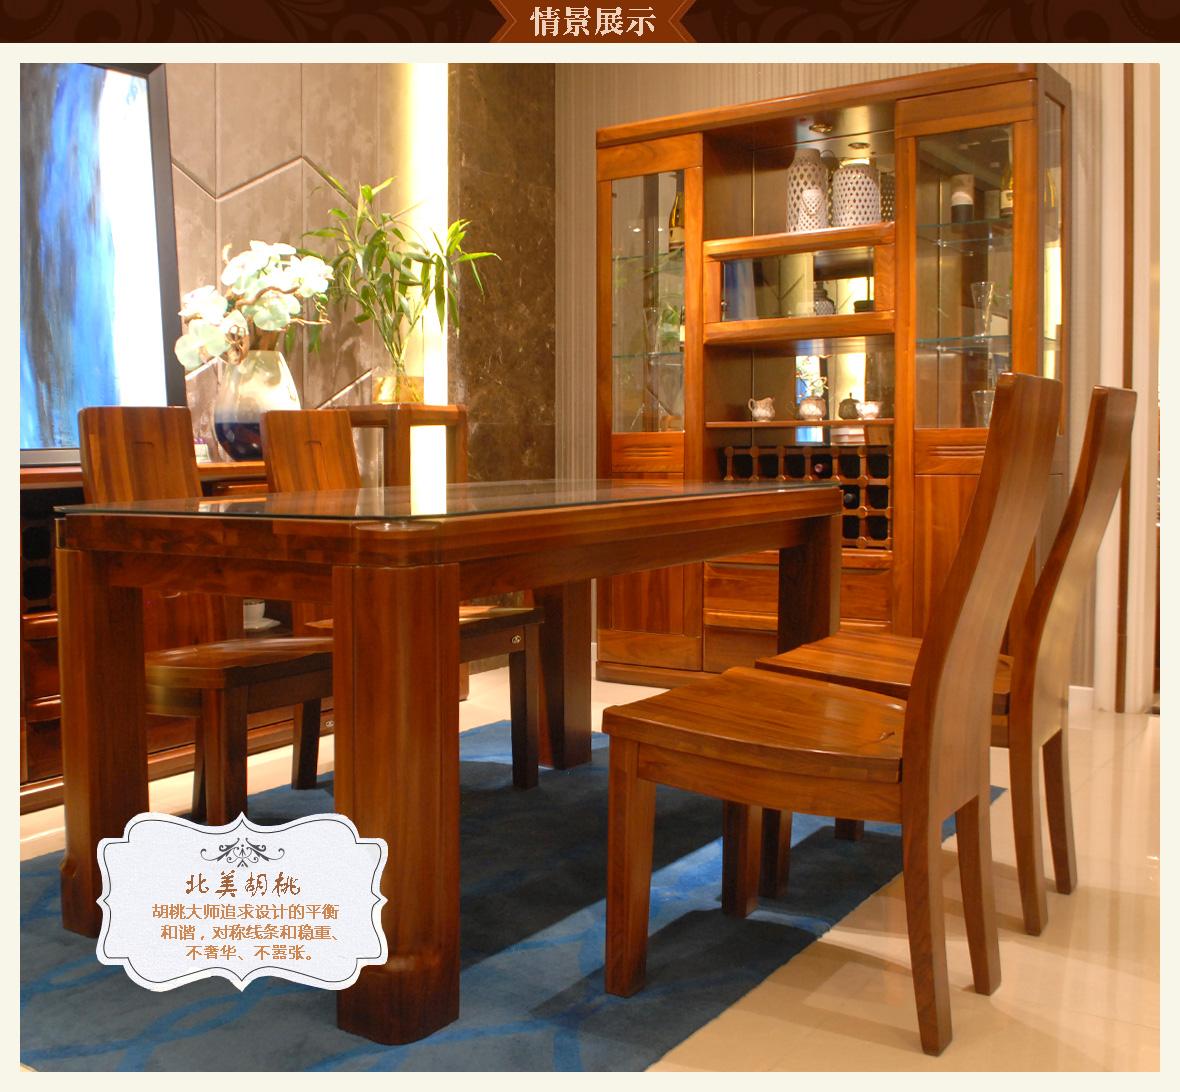 赖氏家具 胡桃木餐椅lsi01型号 进口实木 现代简约风格